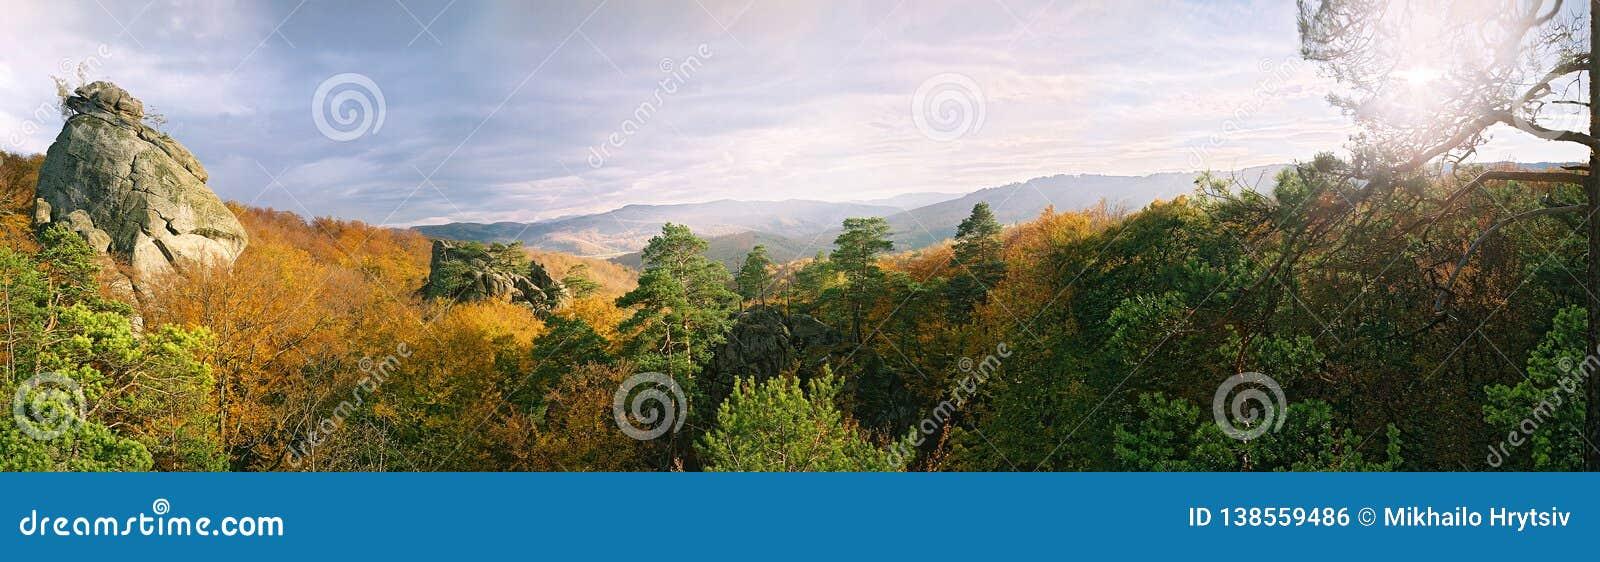 Colori caldi della foresta nelle montagne